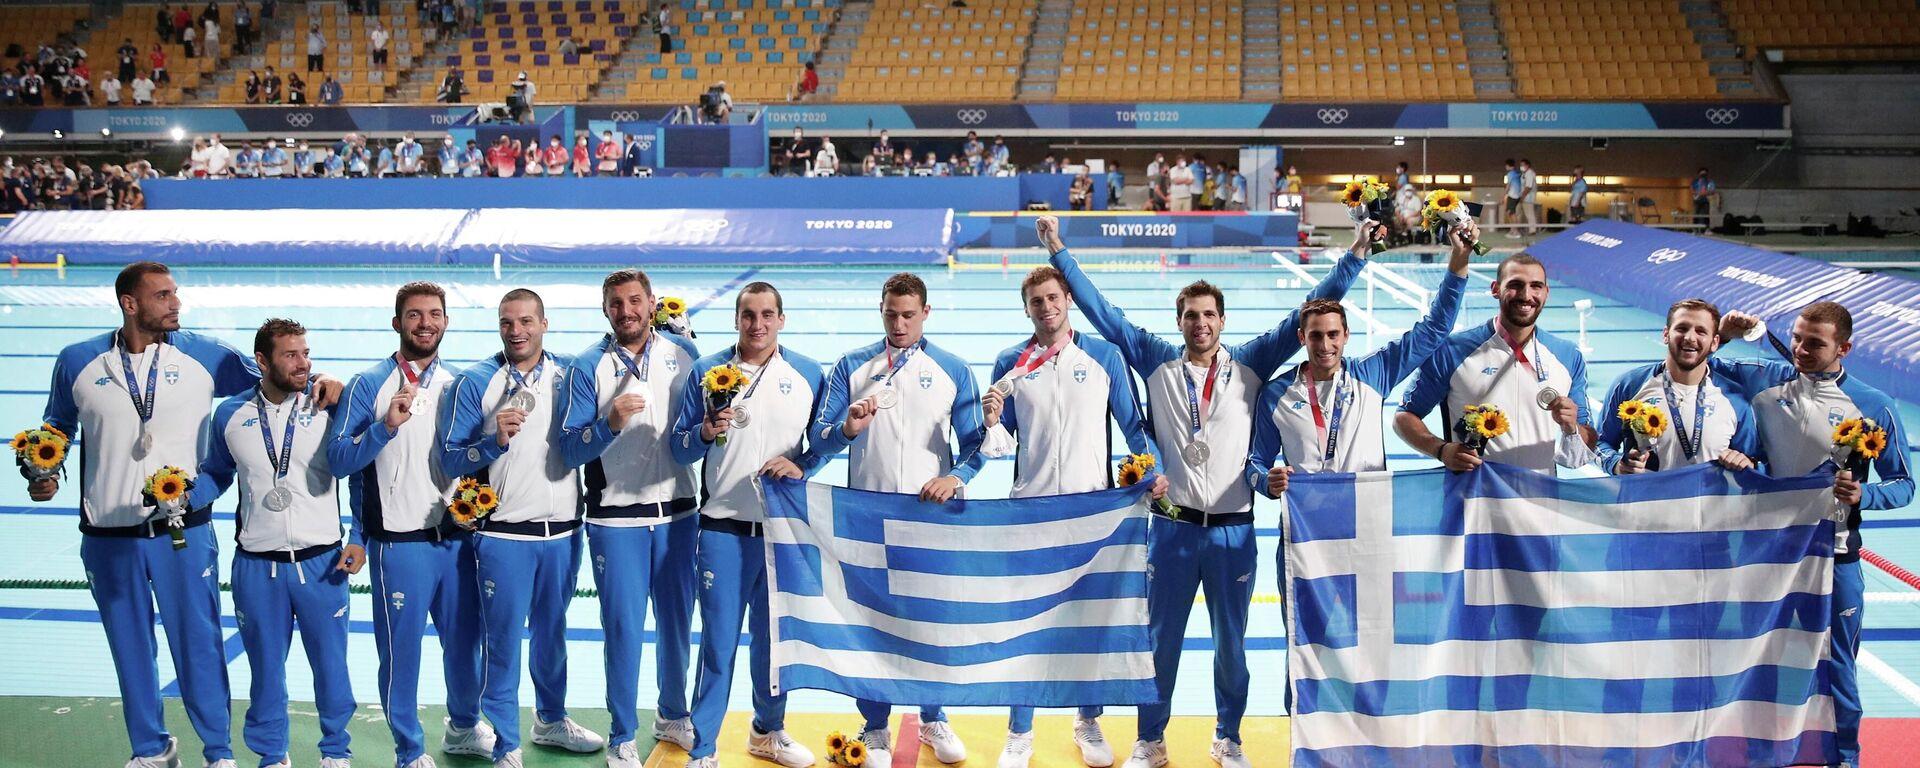 Η Εθνική πόλο με το ασημένιο μετάλλιο - Sputnik Ελλάδα, 1920, 08.08.2021